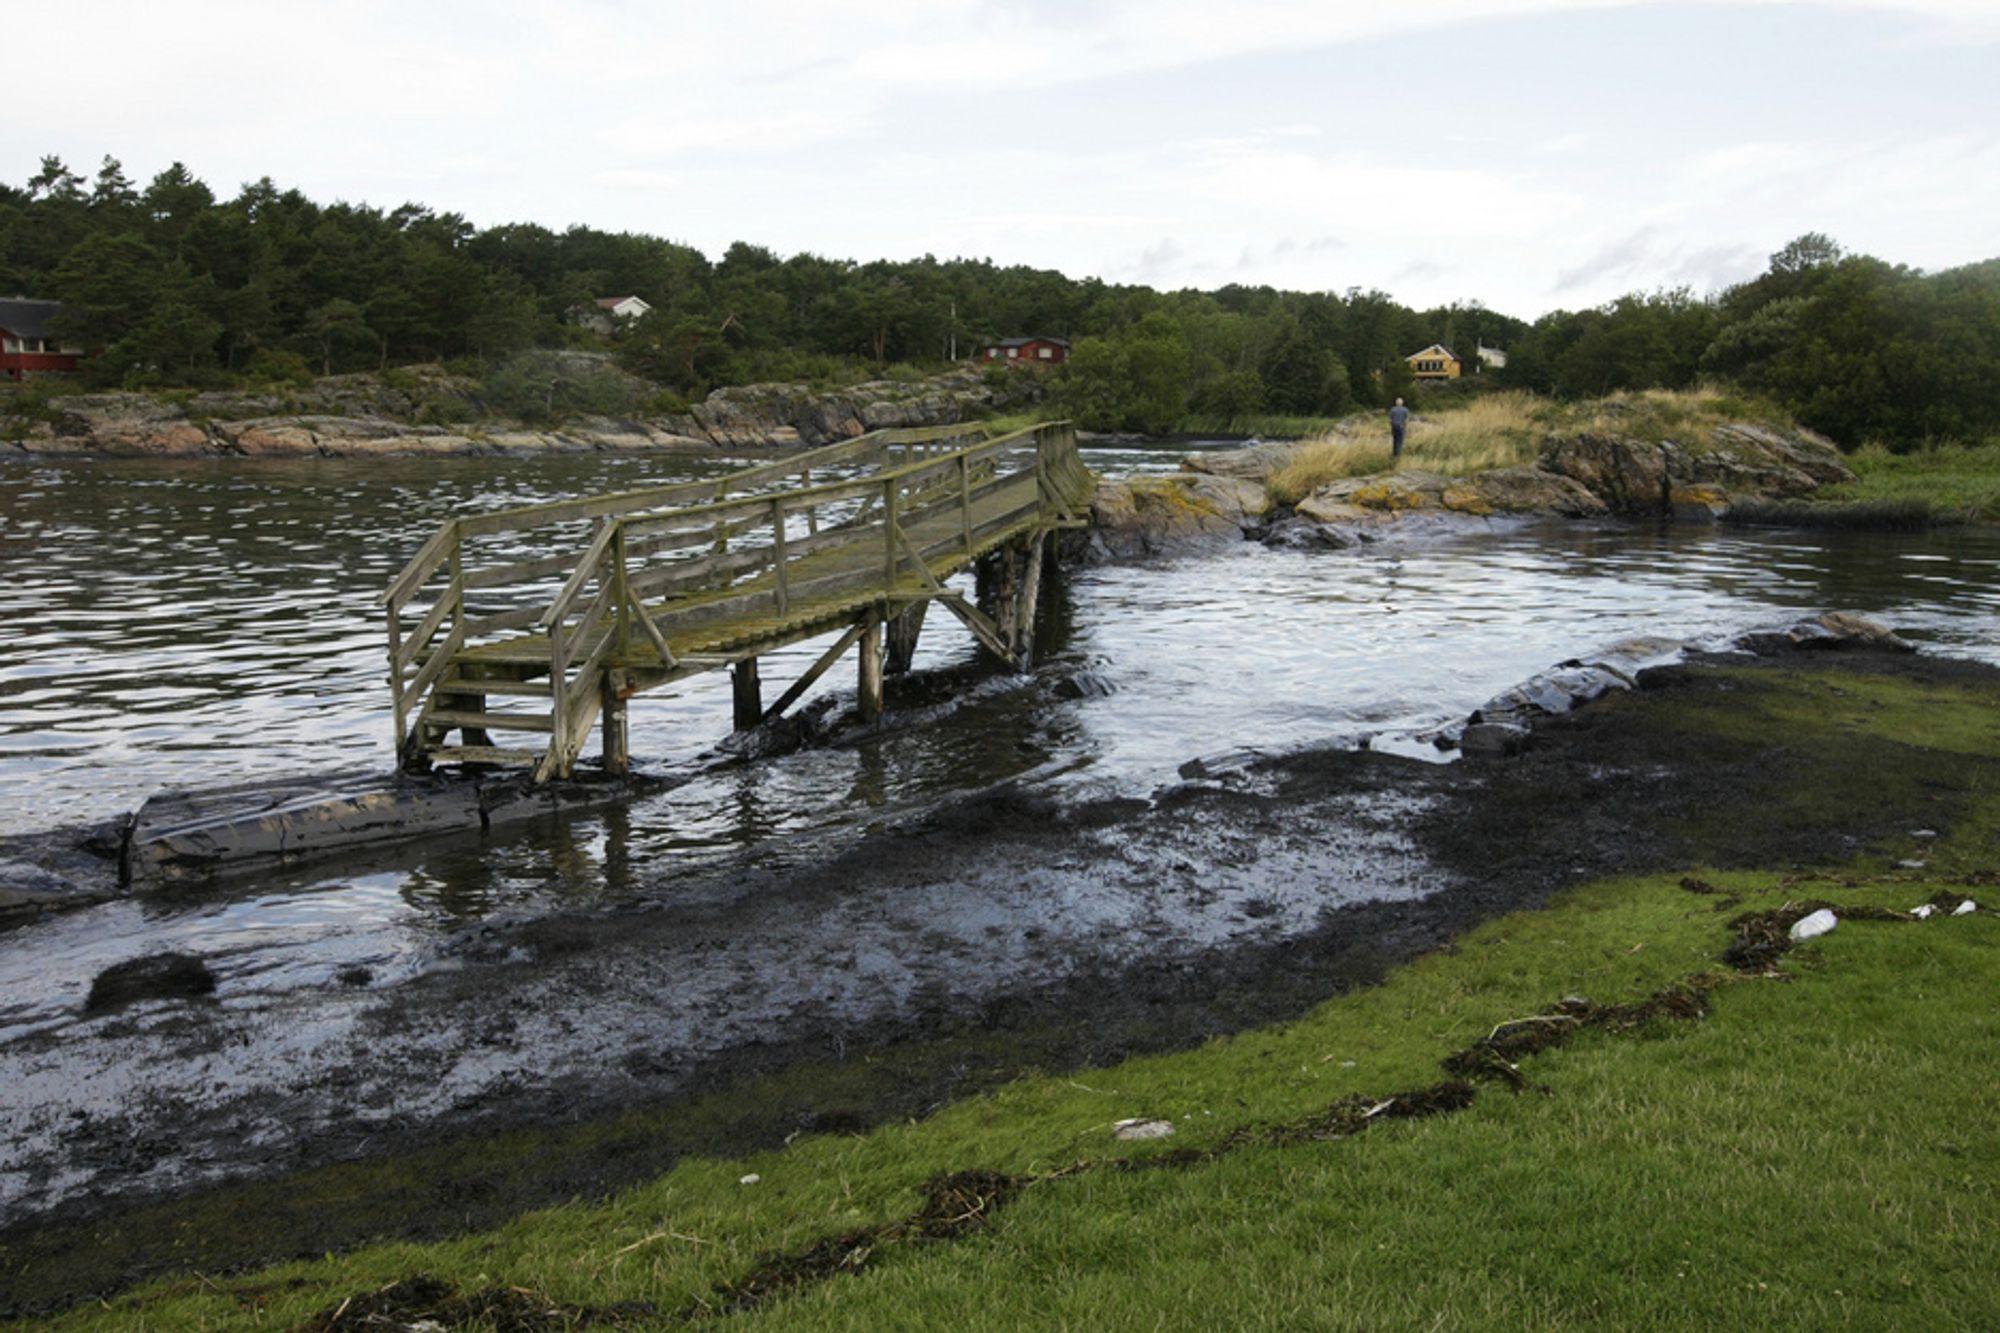 Redningsmannskaper jobber nå med å rense opp oljesøl etter at det Panama-registrerte bulkskipet Full City gikk på grunn ved Såstein utenfor Langesund i Telemark i natt.